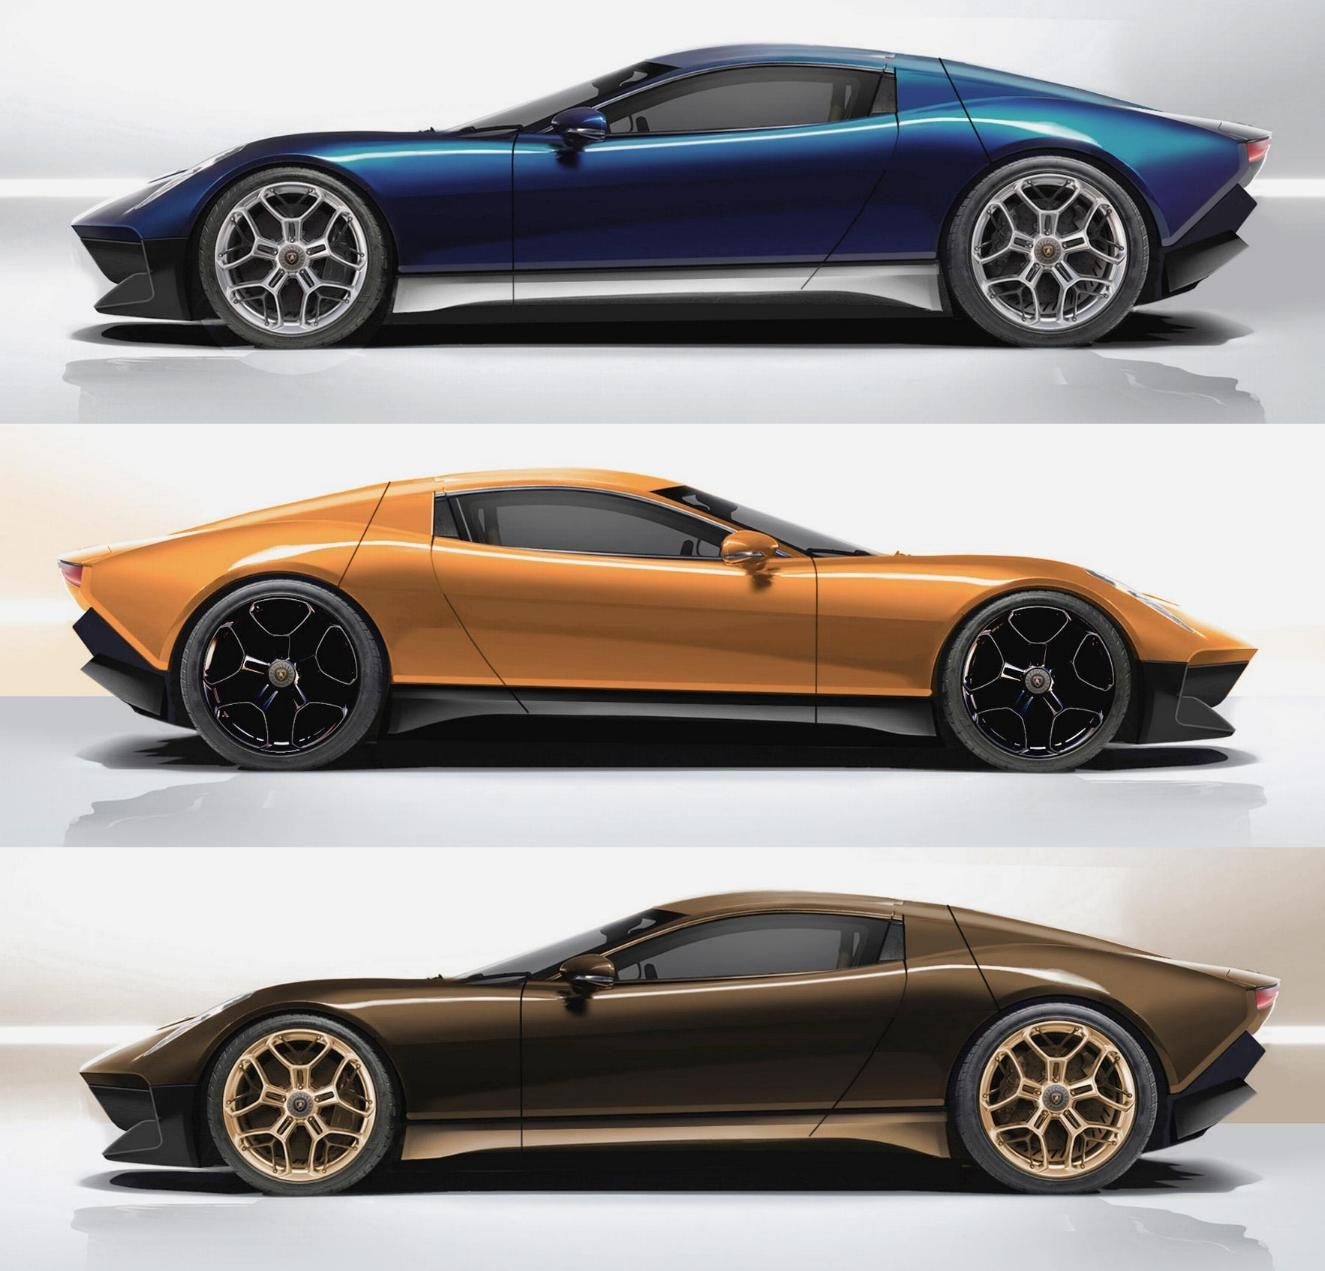 Lamborghini Miura: 2015 Lamborghini Miura Nuova Concept II, By Marco Van